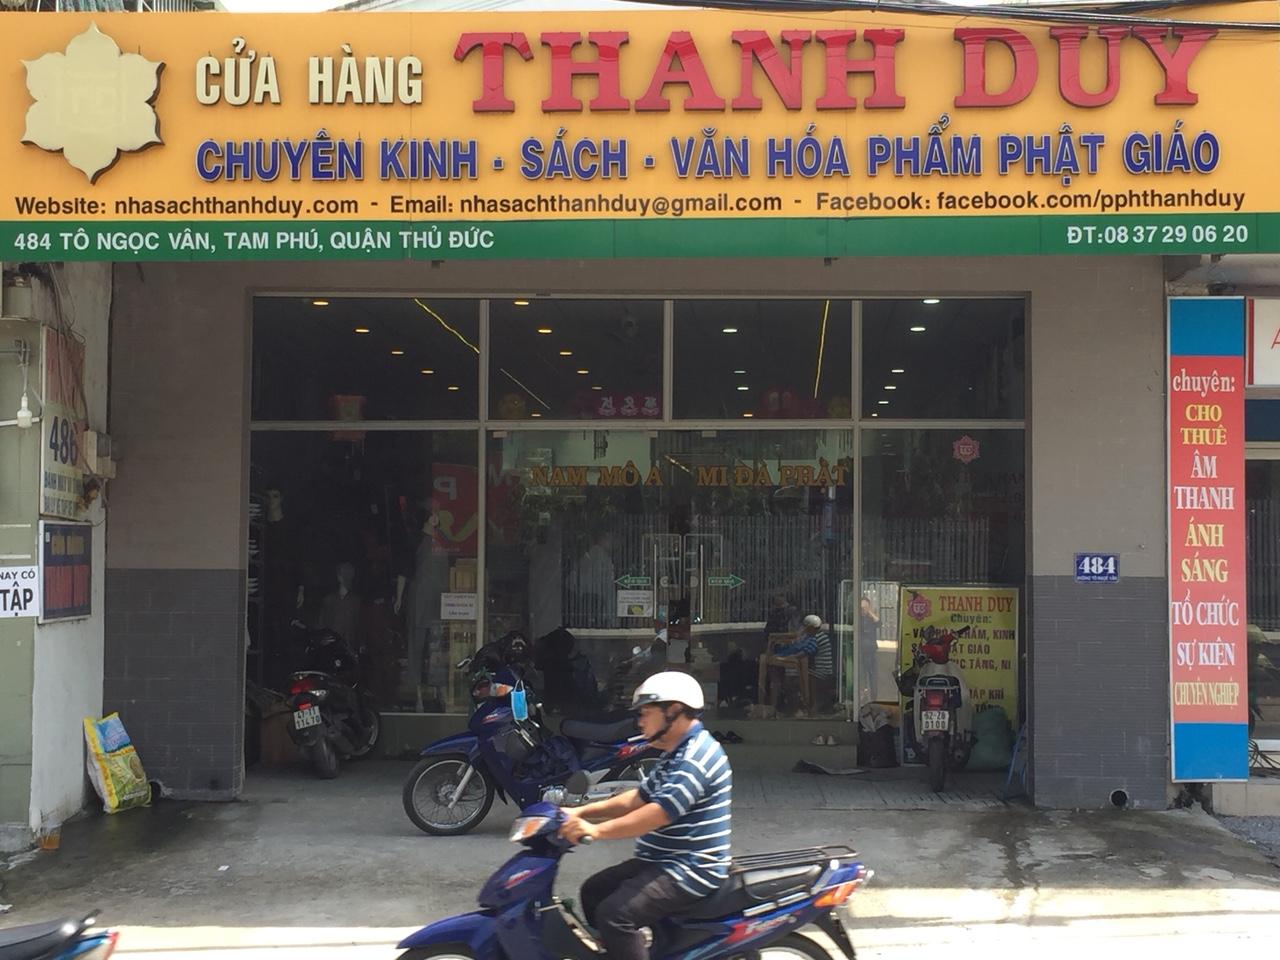 Cửa Hàng Phật Giáo Thanh Duy